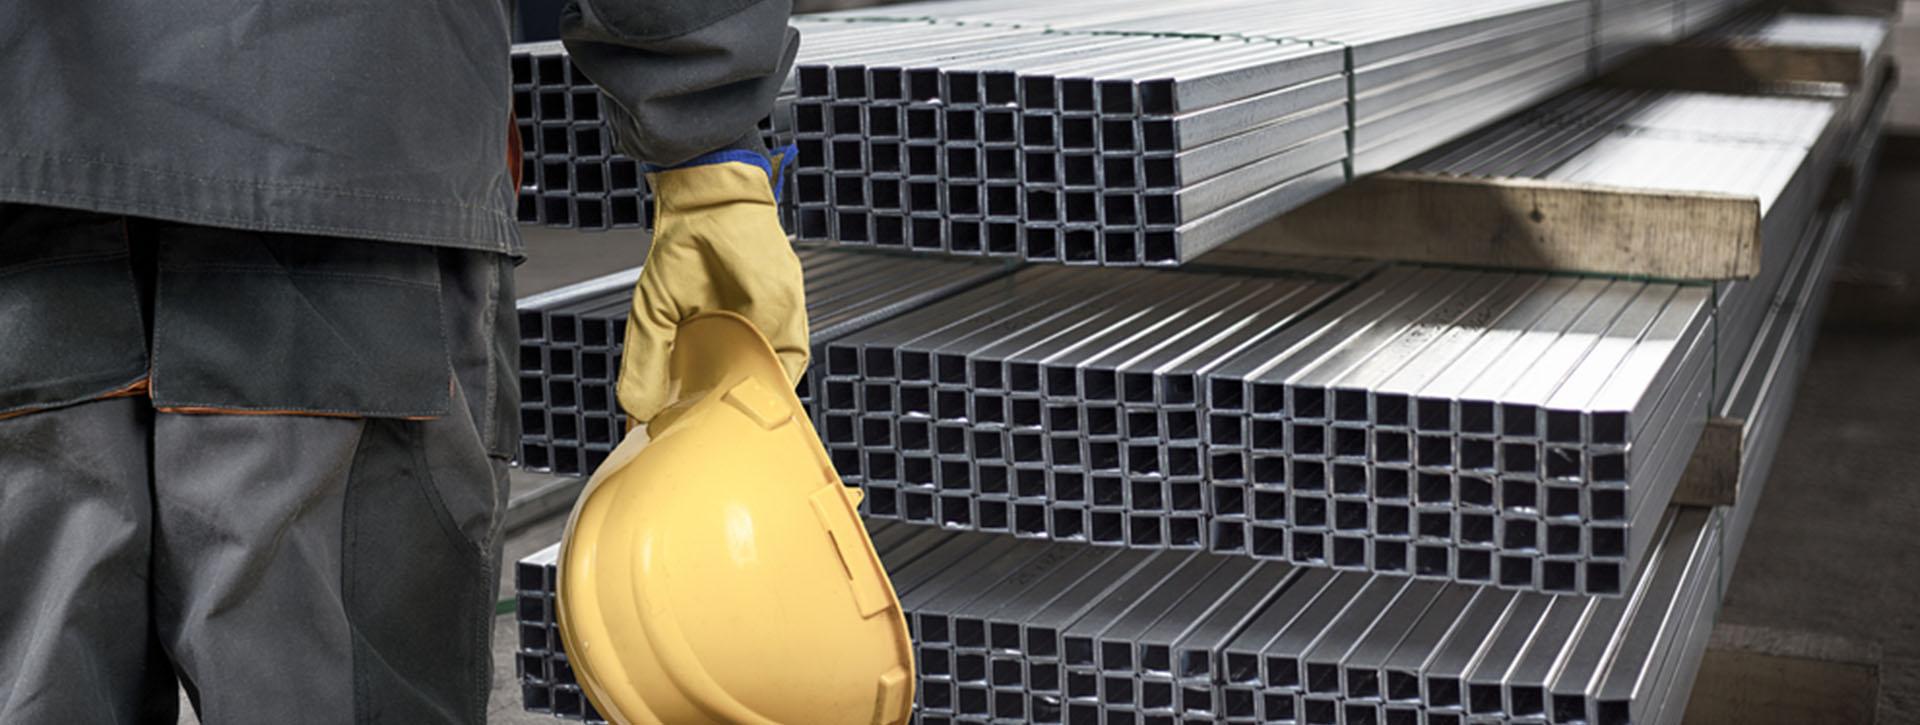 - Yeni Körfez Metal | Toptan ve Perakende Demir Satışı